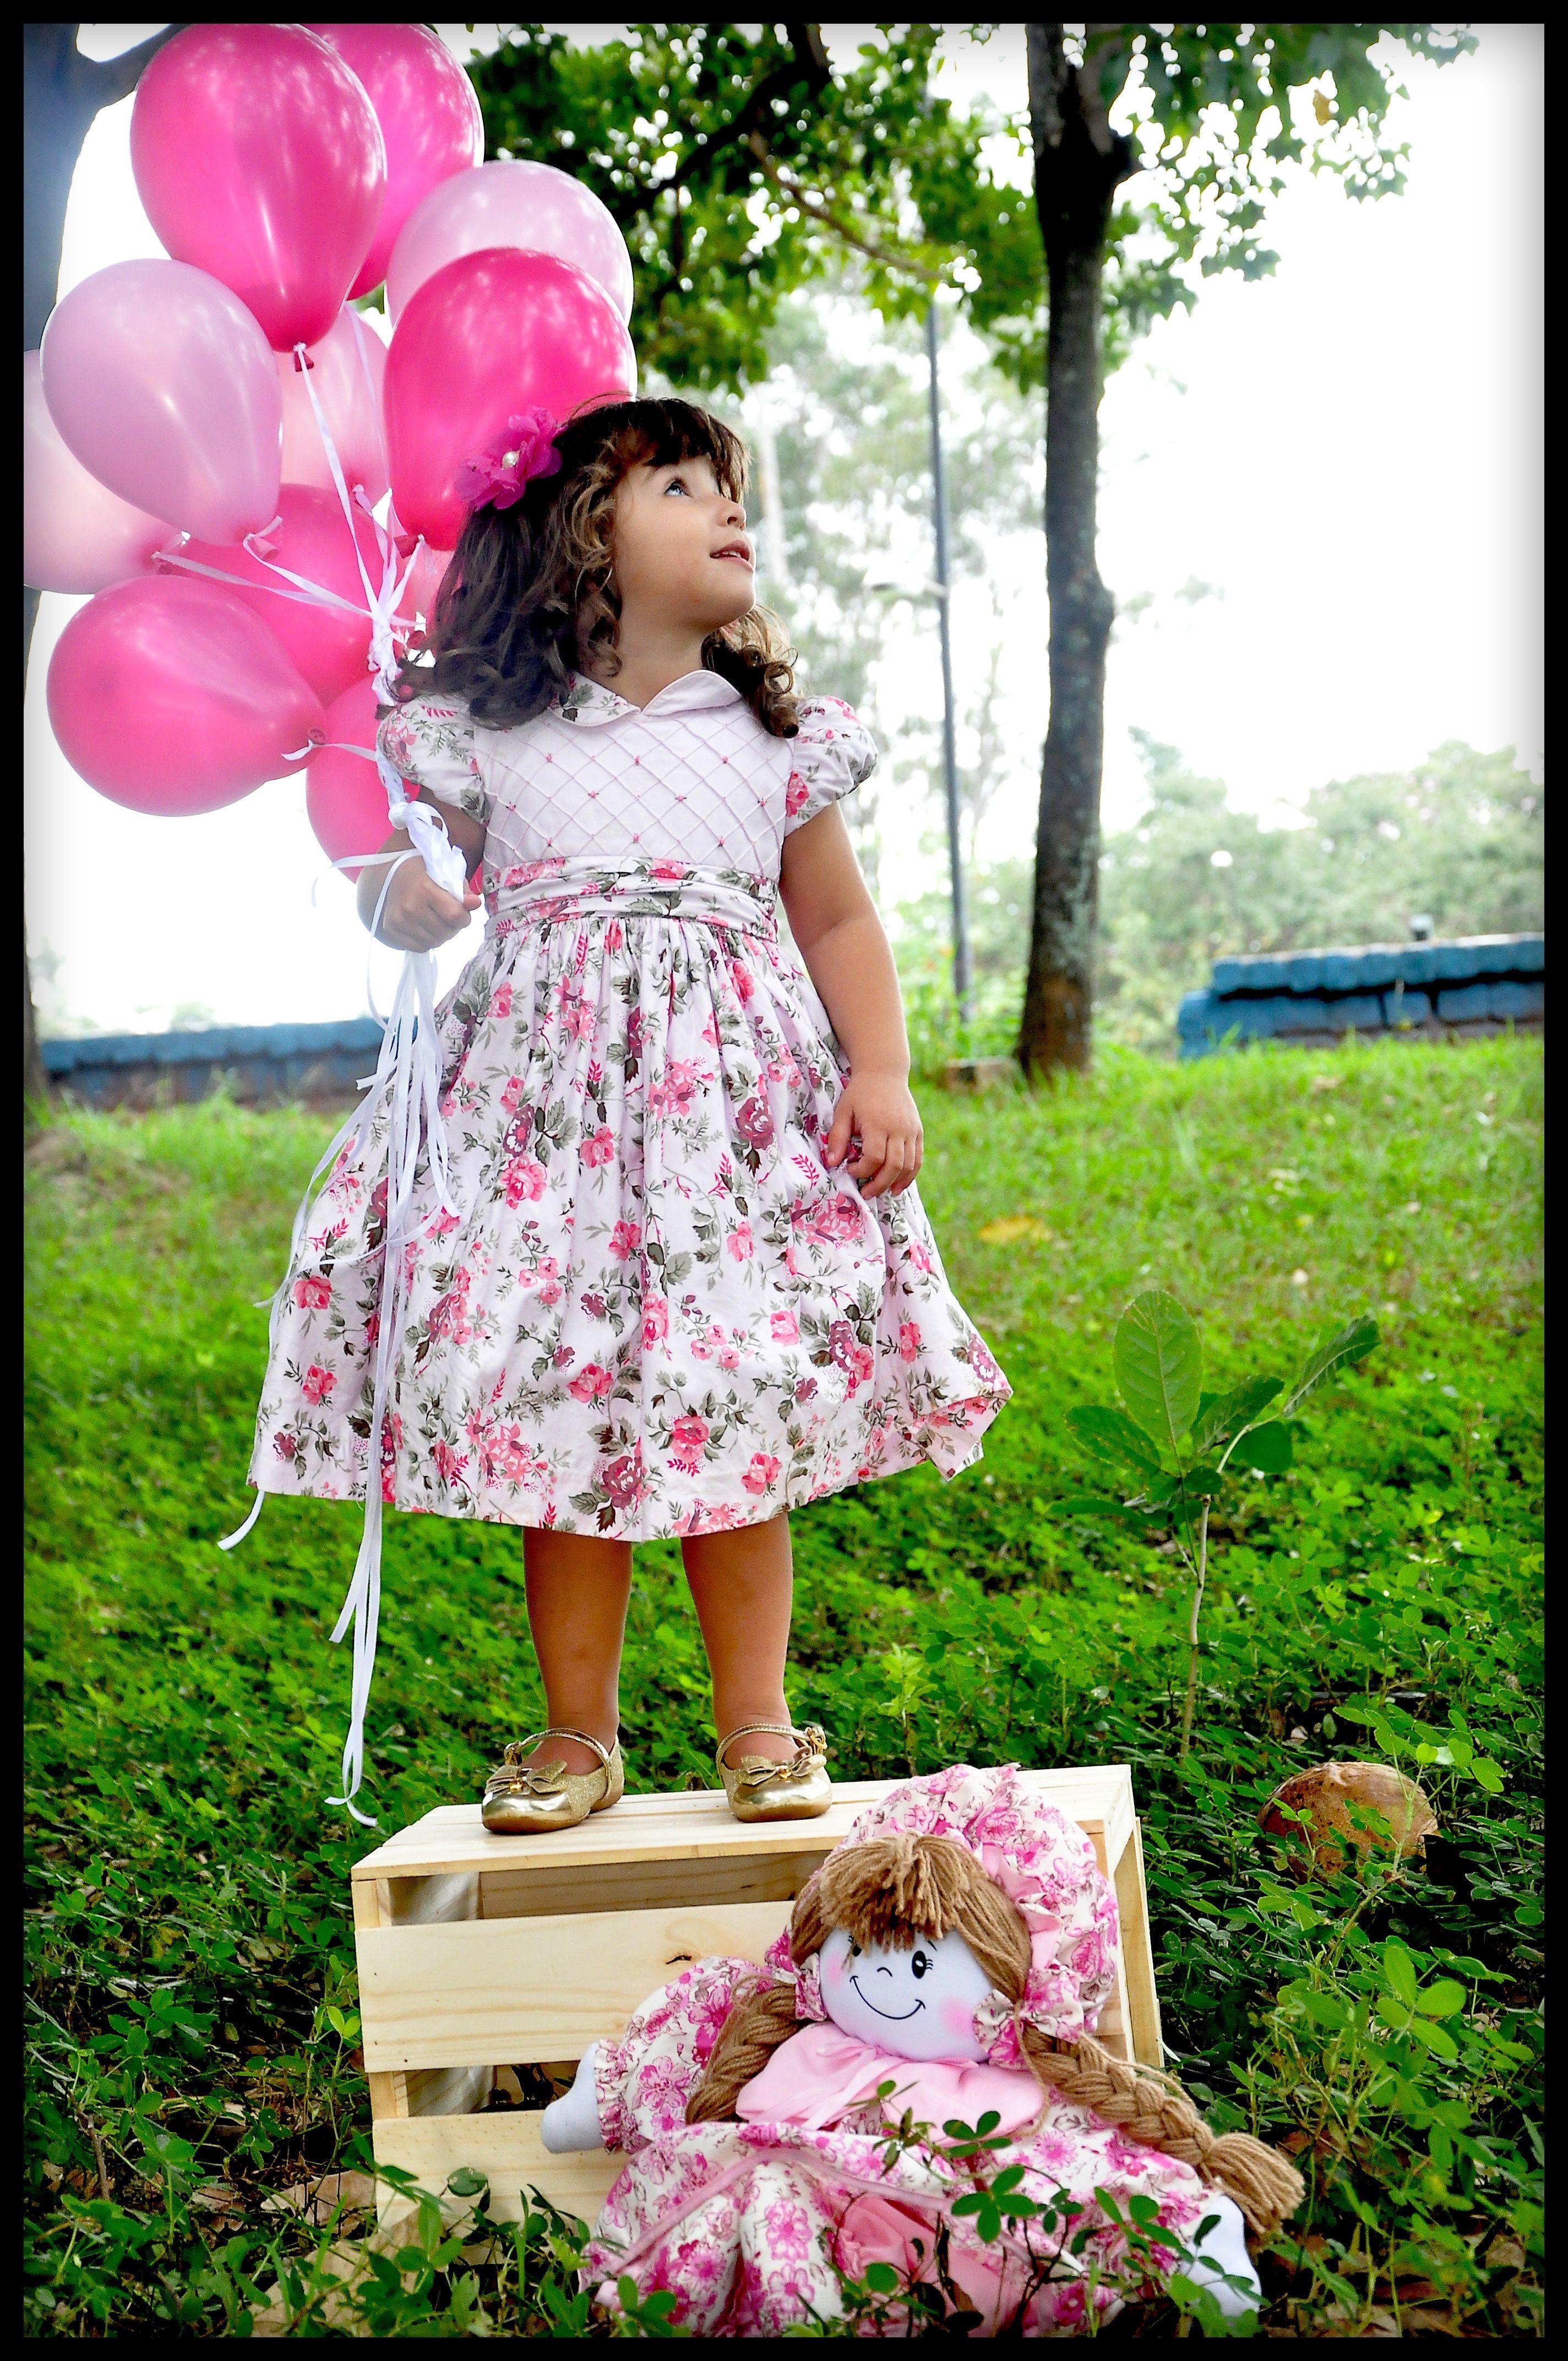 ensaios externos infantil feminino balões boneca caixa de feiraensaios externos infantil feminino balões boneca caixa de feira